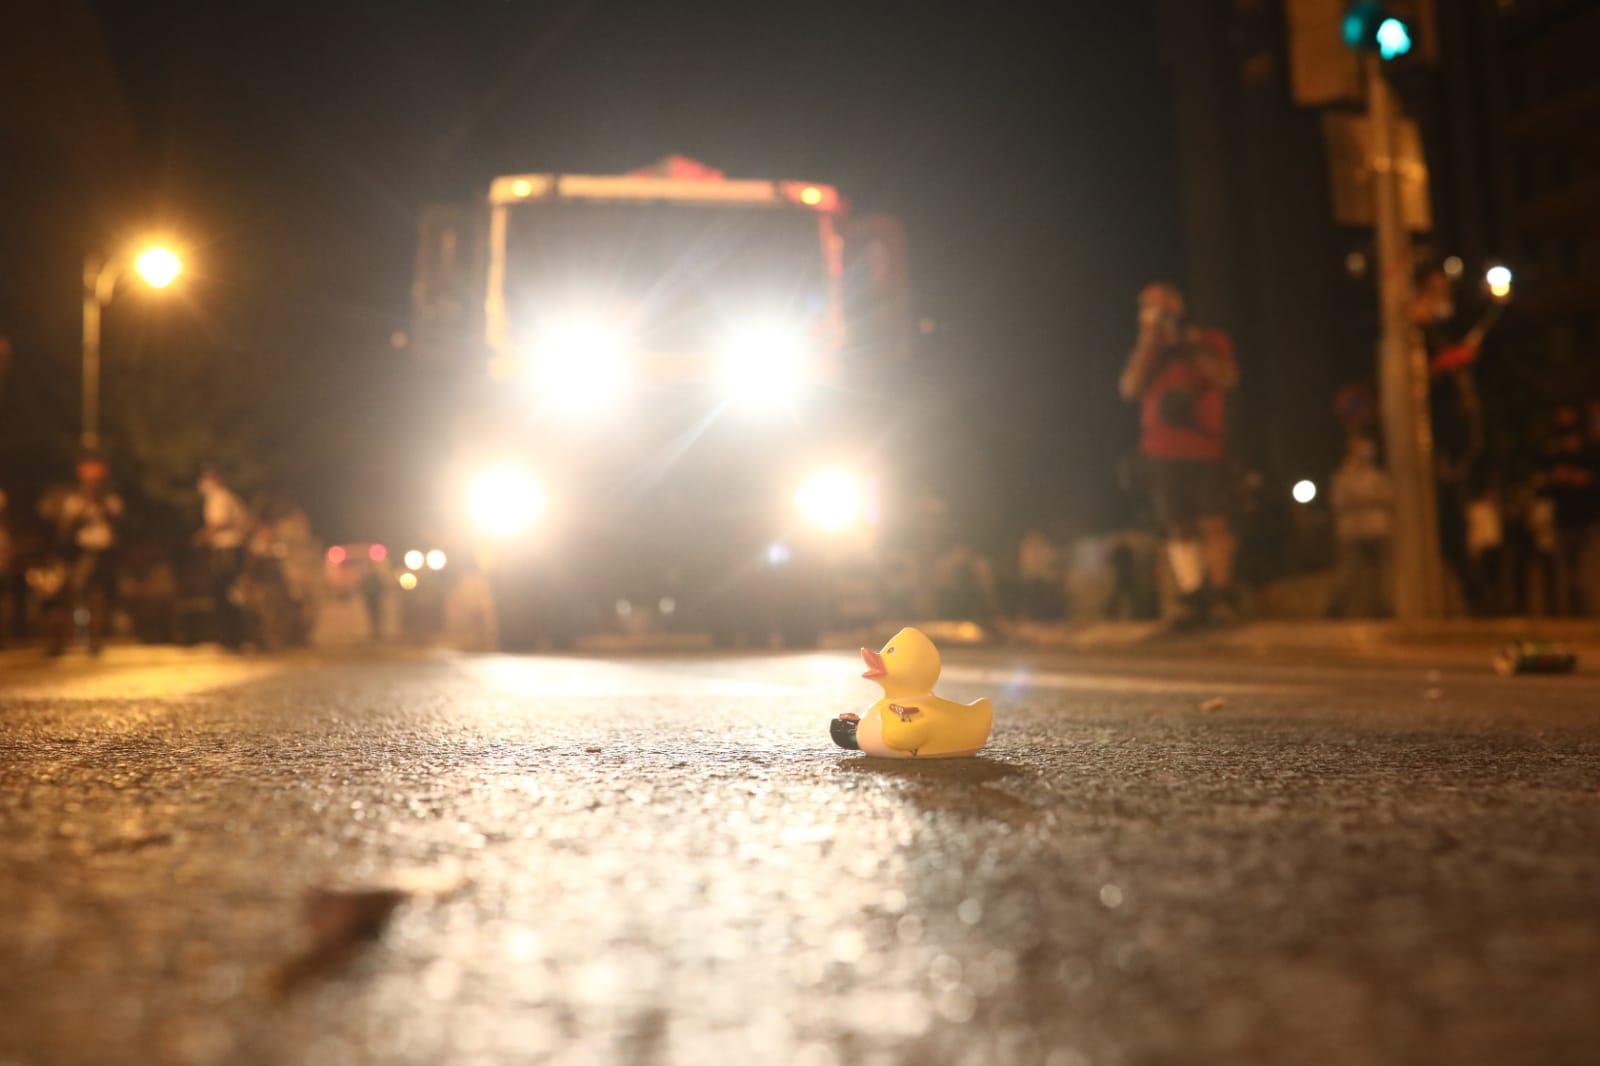 ברווזון מיותם על הכביש בהפגנה בירושלים, 25 ביולי 2020 (צילום: אורן זיו)